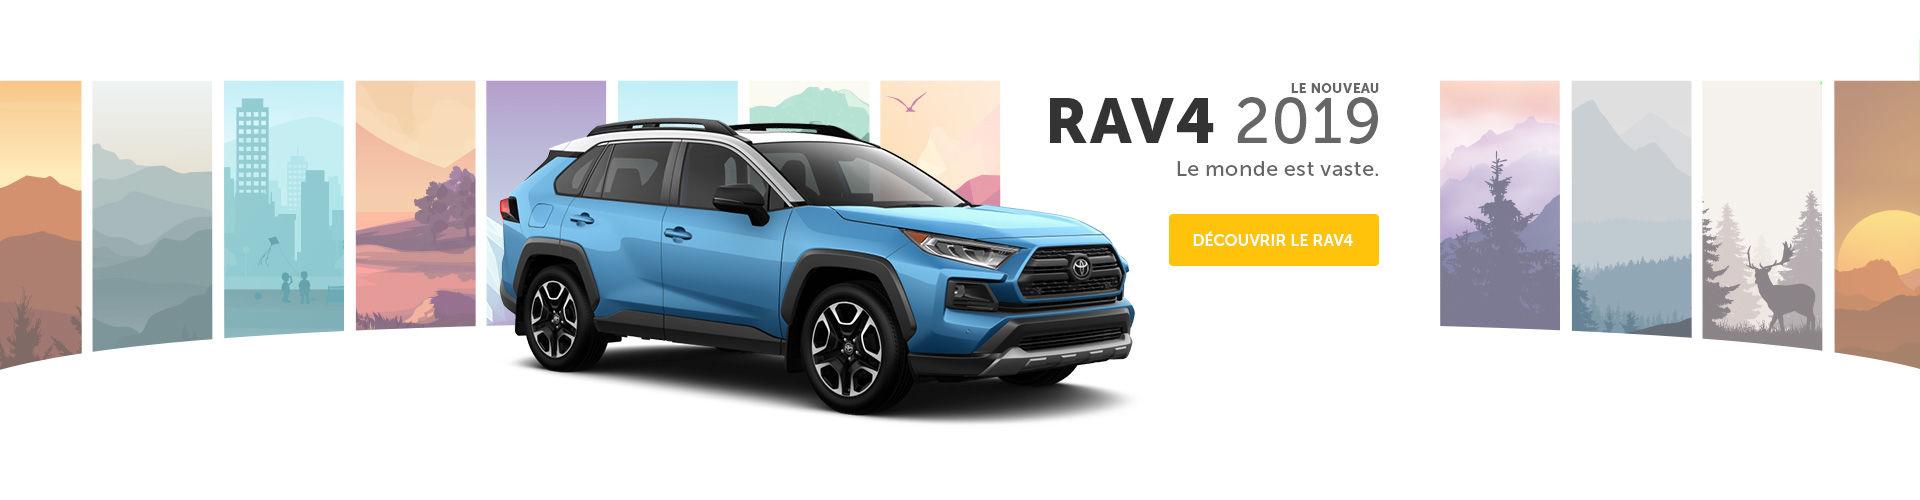 Le nouveau Rav4 2019